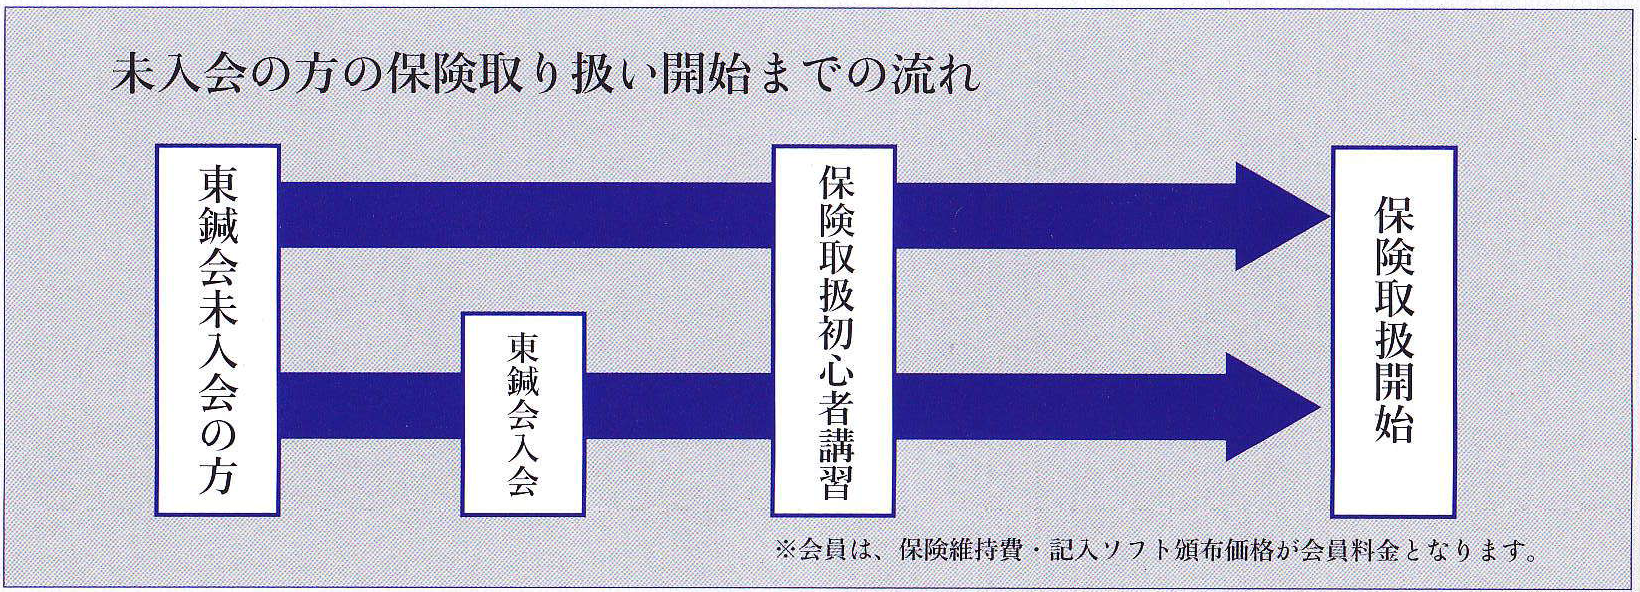 hoken_toriatukai_nagare